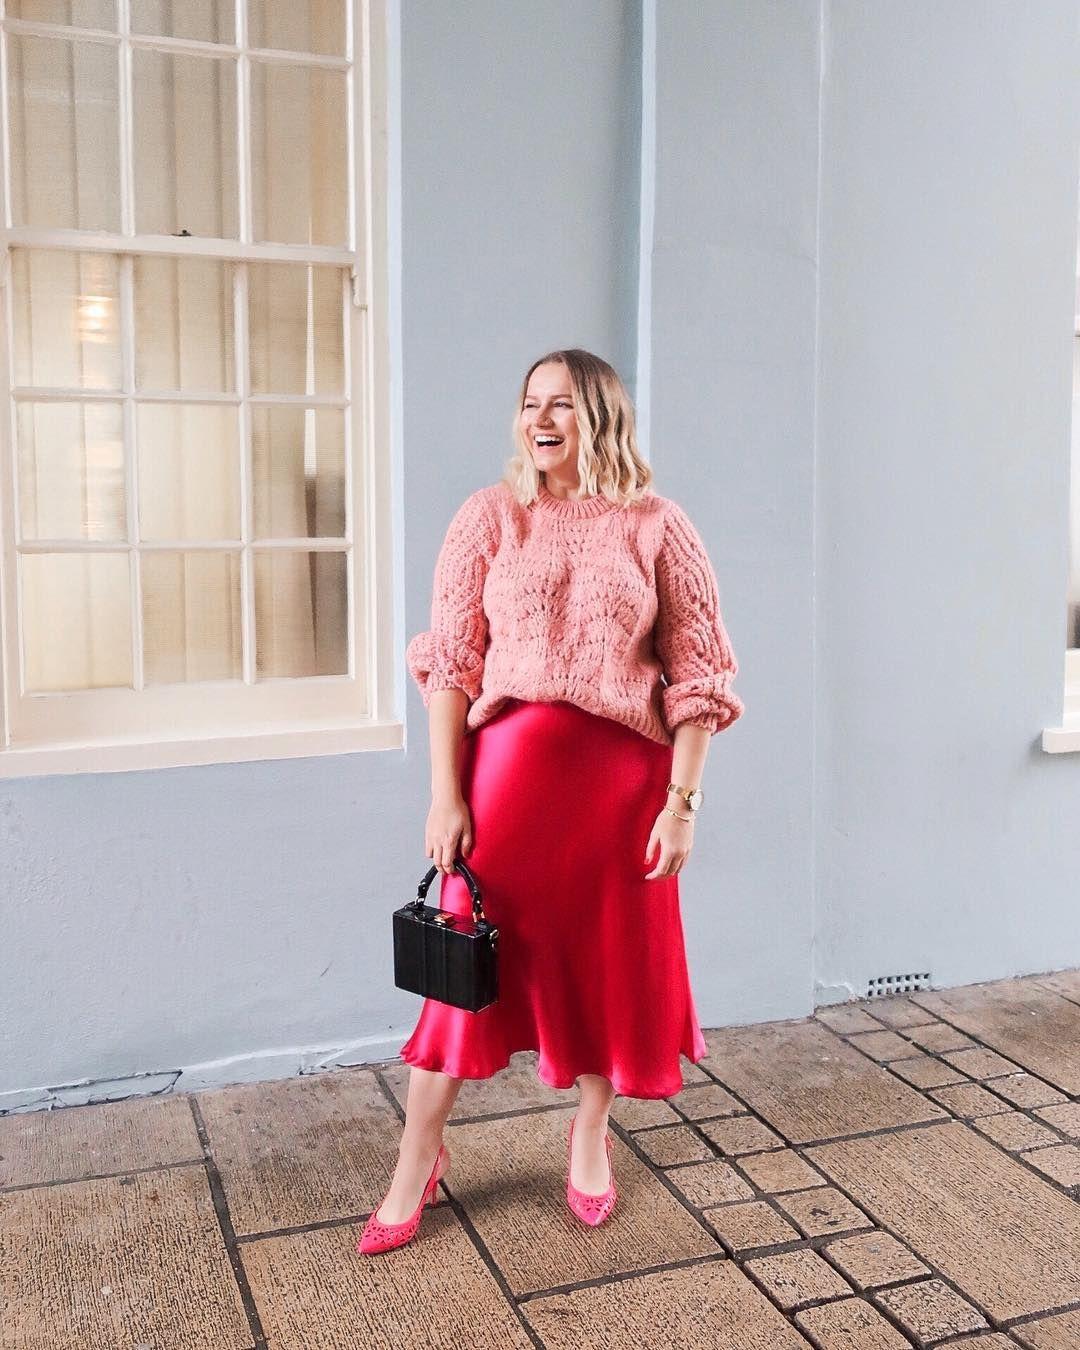 119a58cecf Esta falda midi de fiesta de Zara queda mejor a mujeres con curvas - Zara  vende una falda midi que queda mejor con curvas